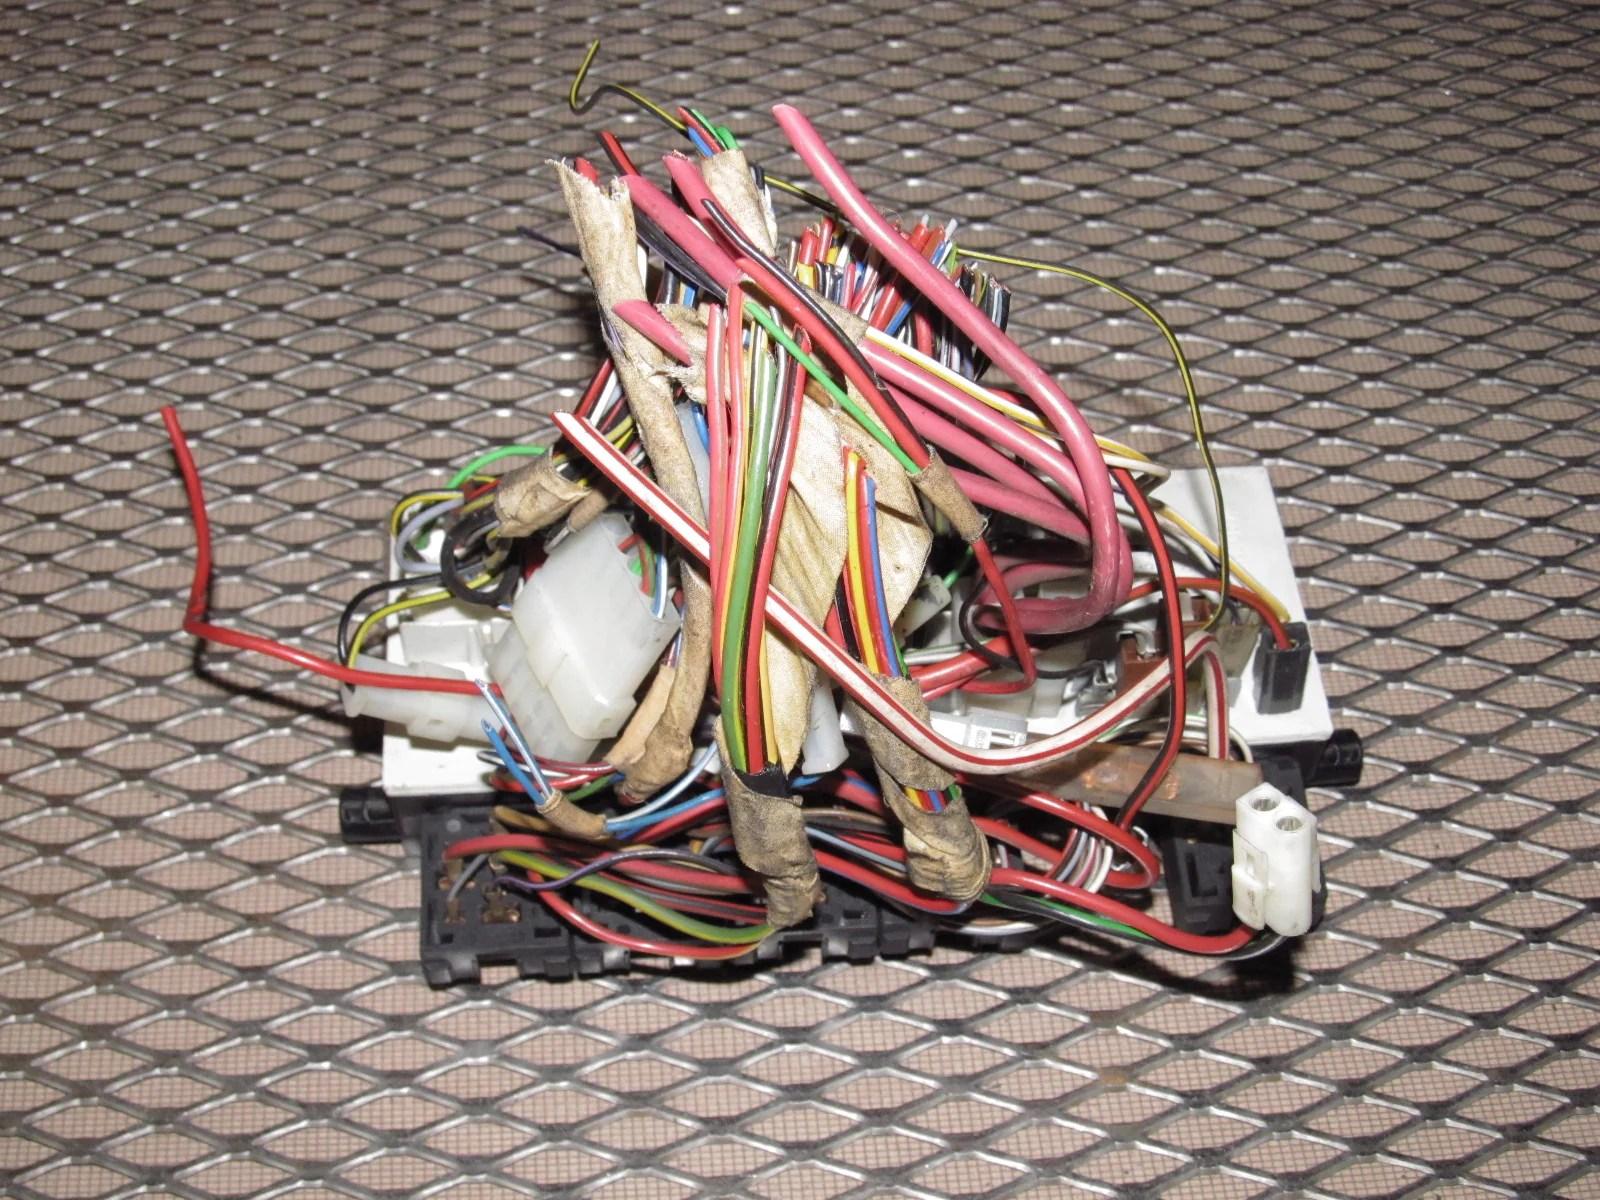 medium resolution of 85 porsche fuse box wiring diagram85 porsche fuse box wiring diagram schematics83 85 porsche 944 oem